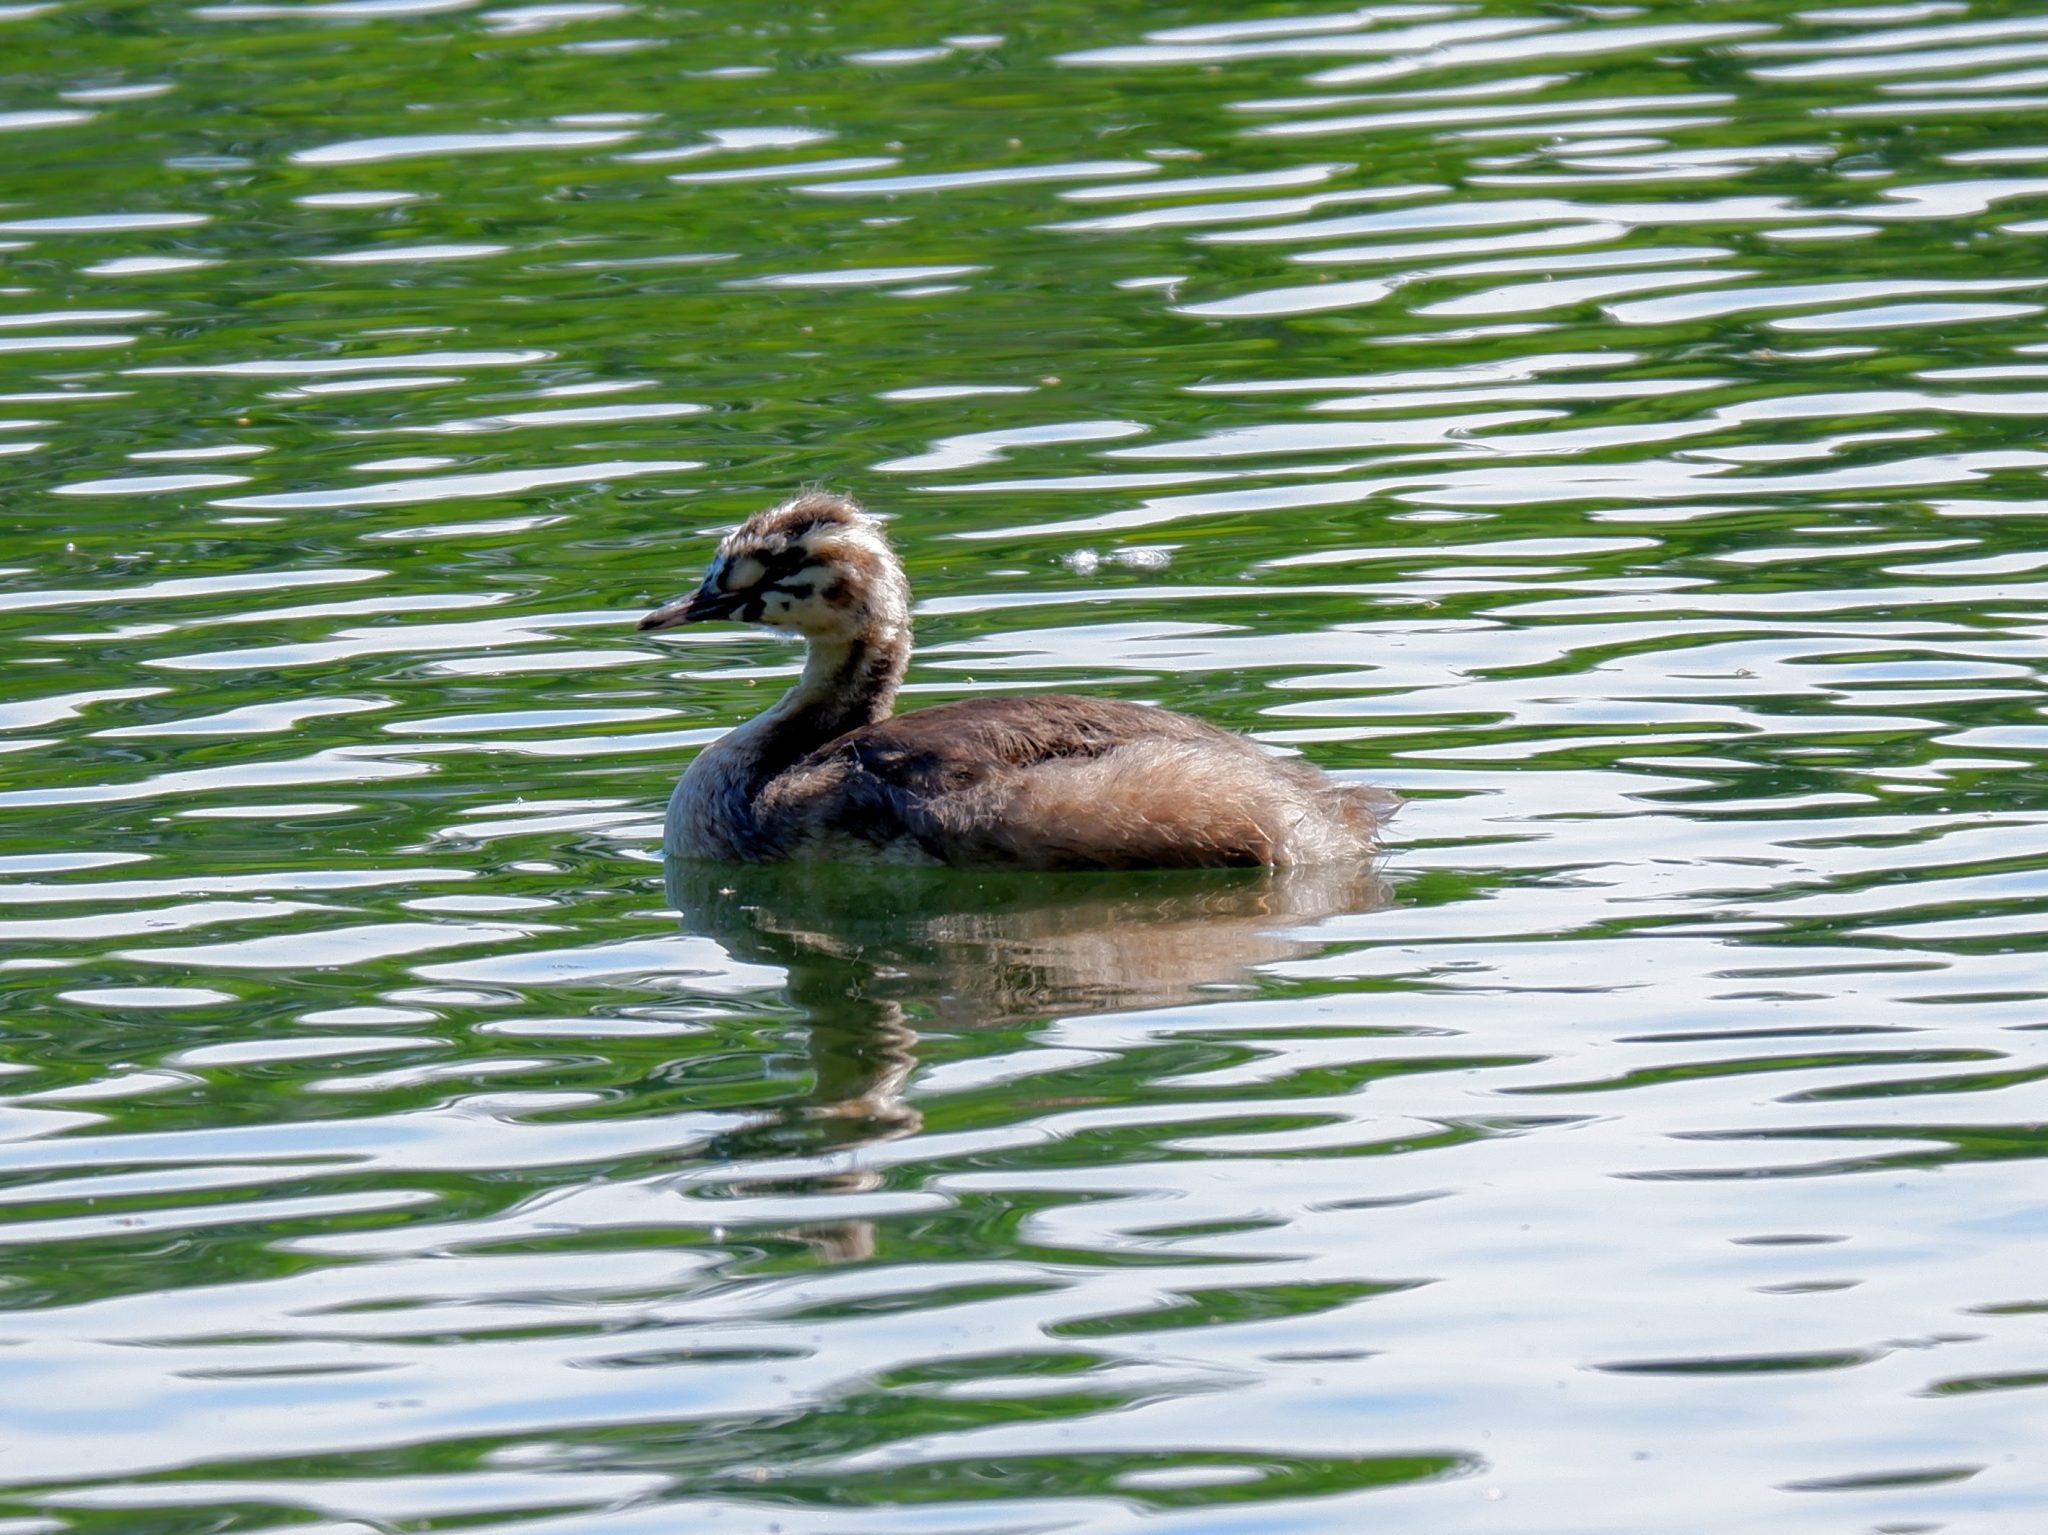 Urban wildlife in Chorlton Water Park in Manchester